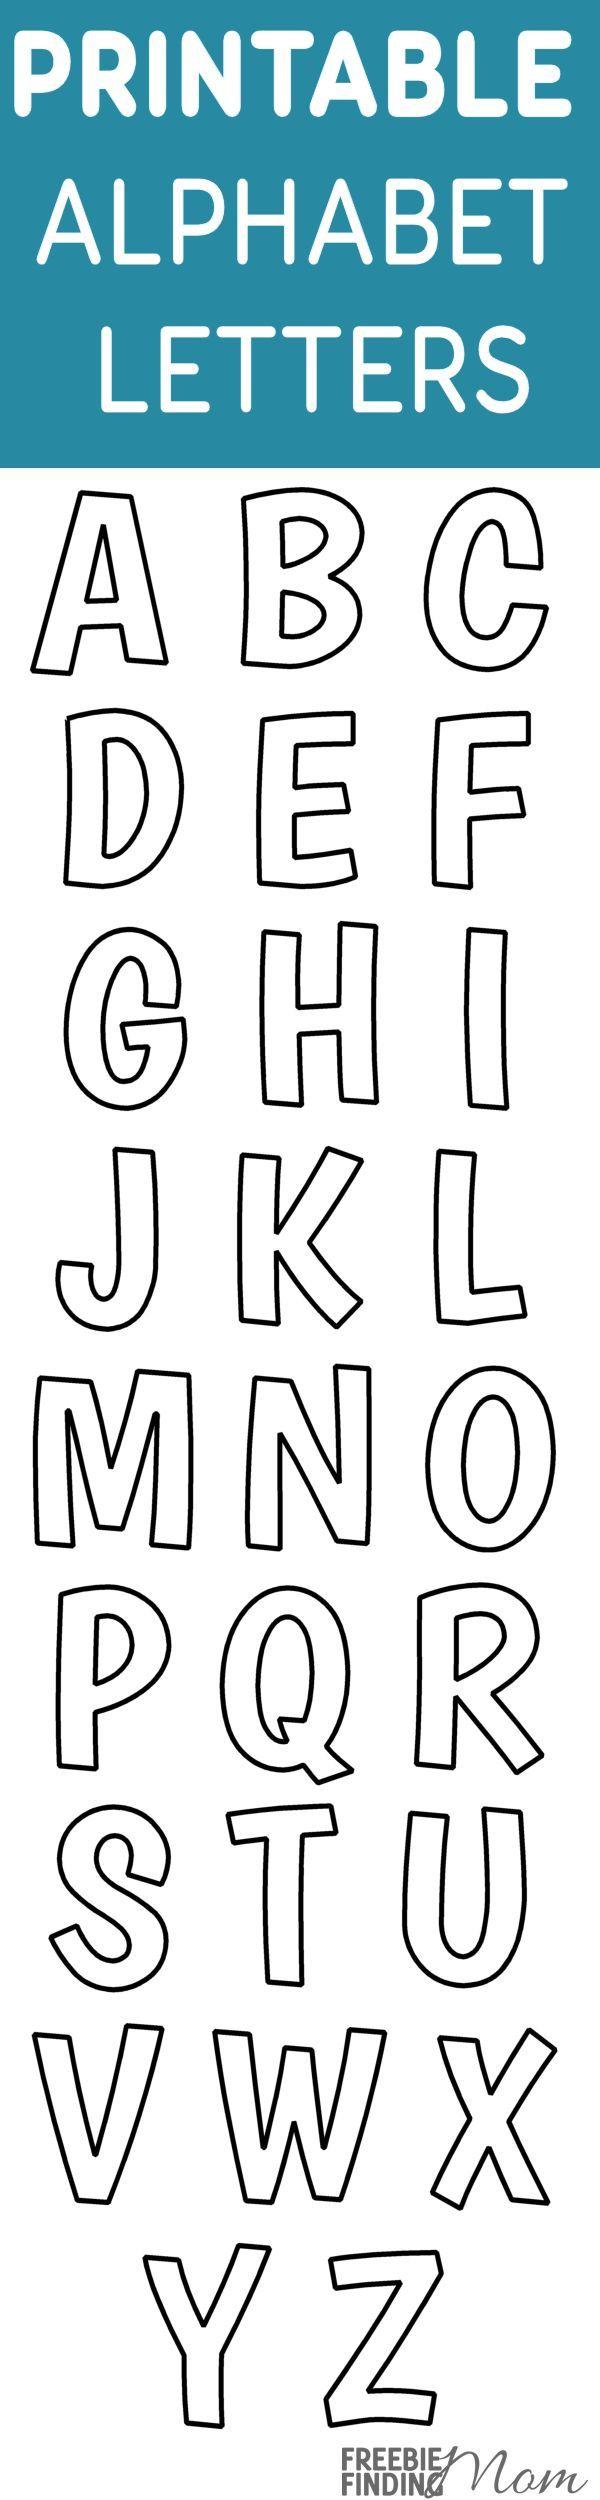 Printable Free Alphabet Templates Printable Alphabet